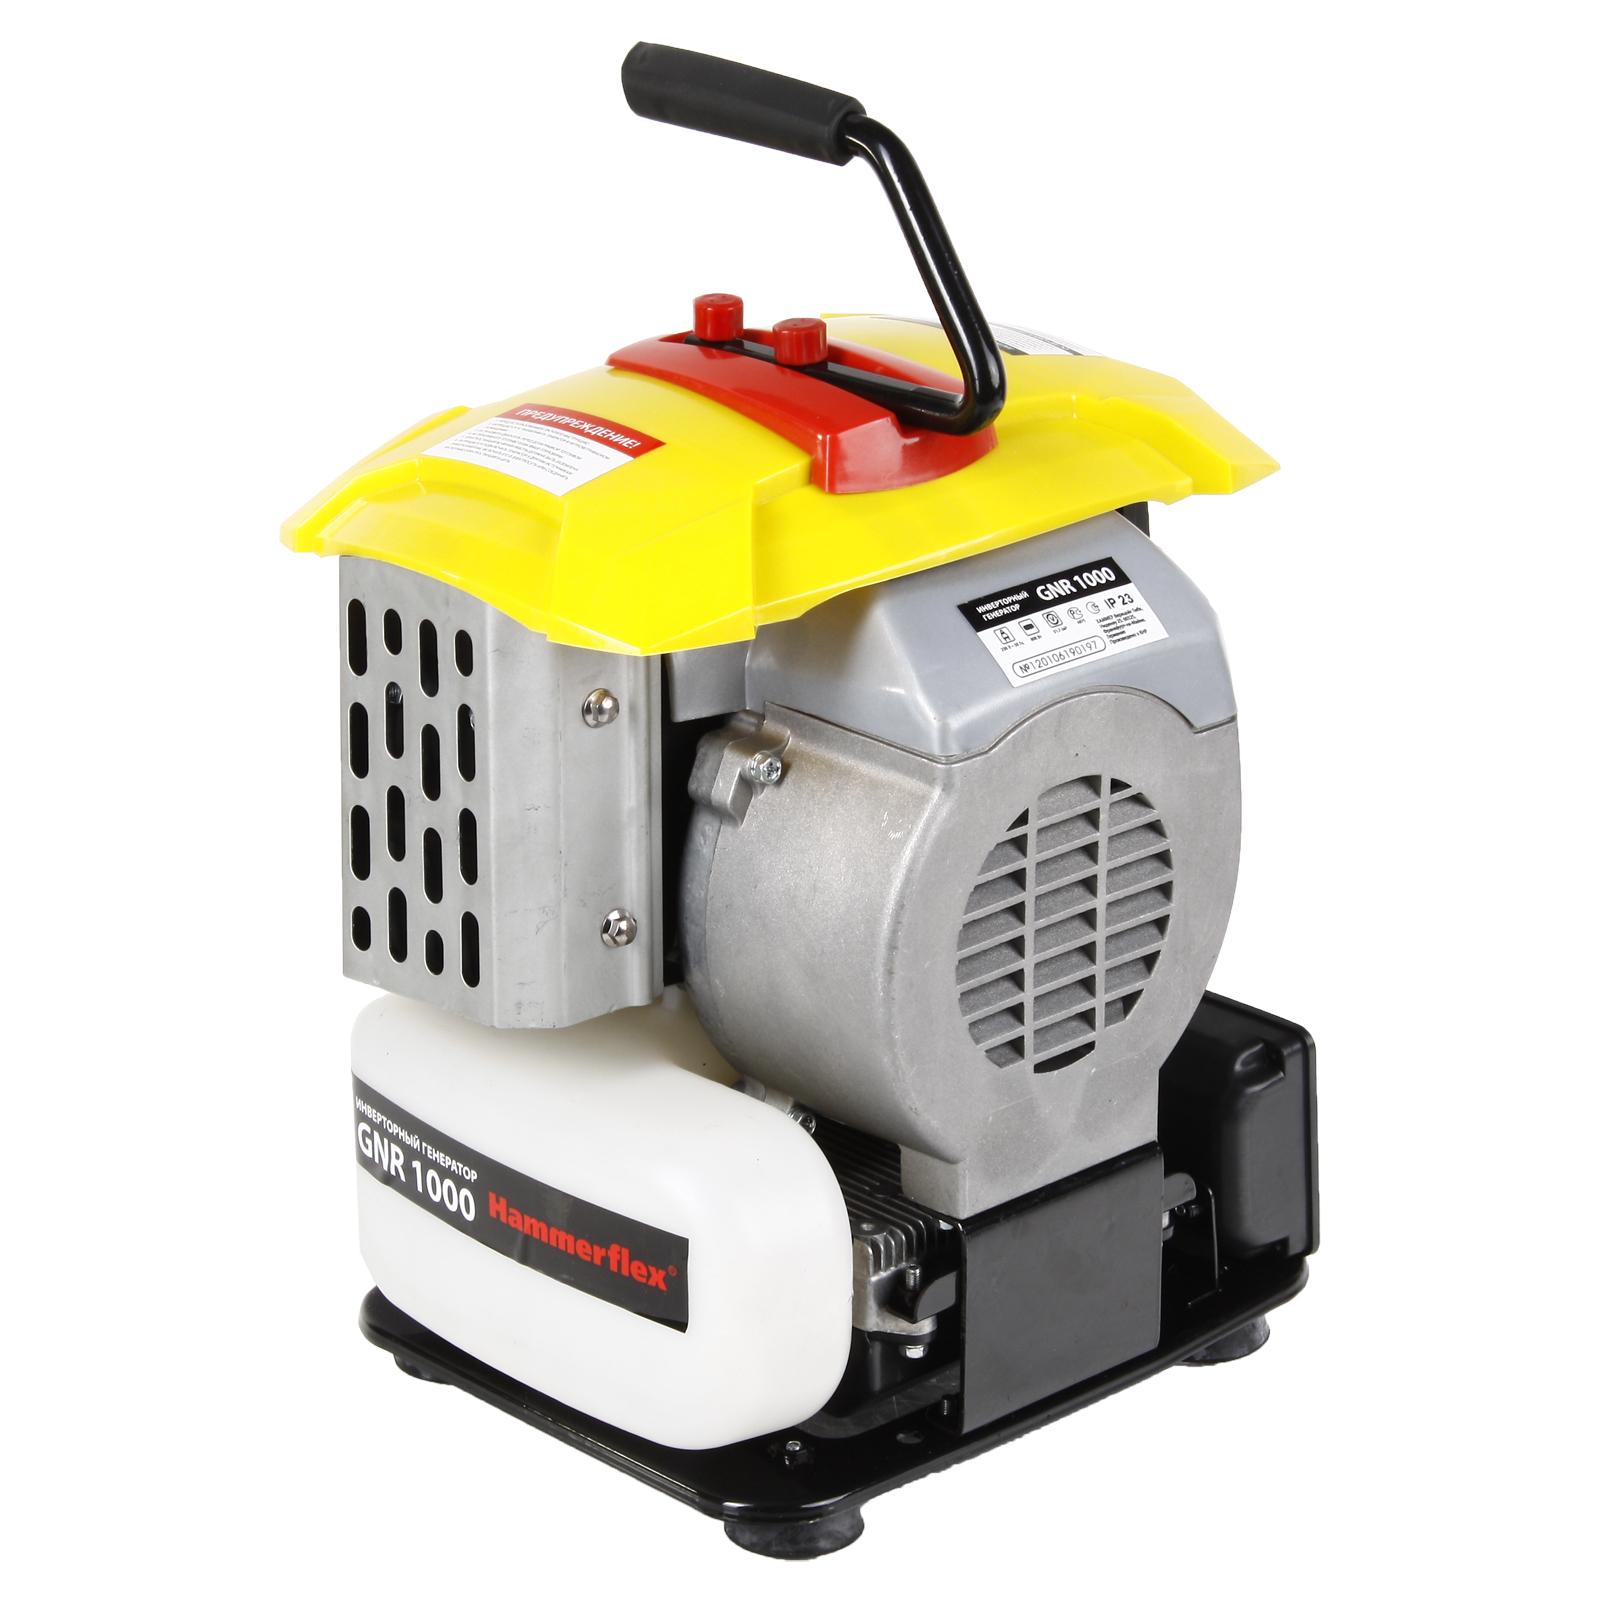 Бензиновый инверторный генератор Hammer Gnr1000 генератор бензиновый patriot srge 3500